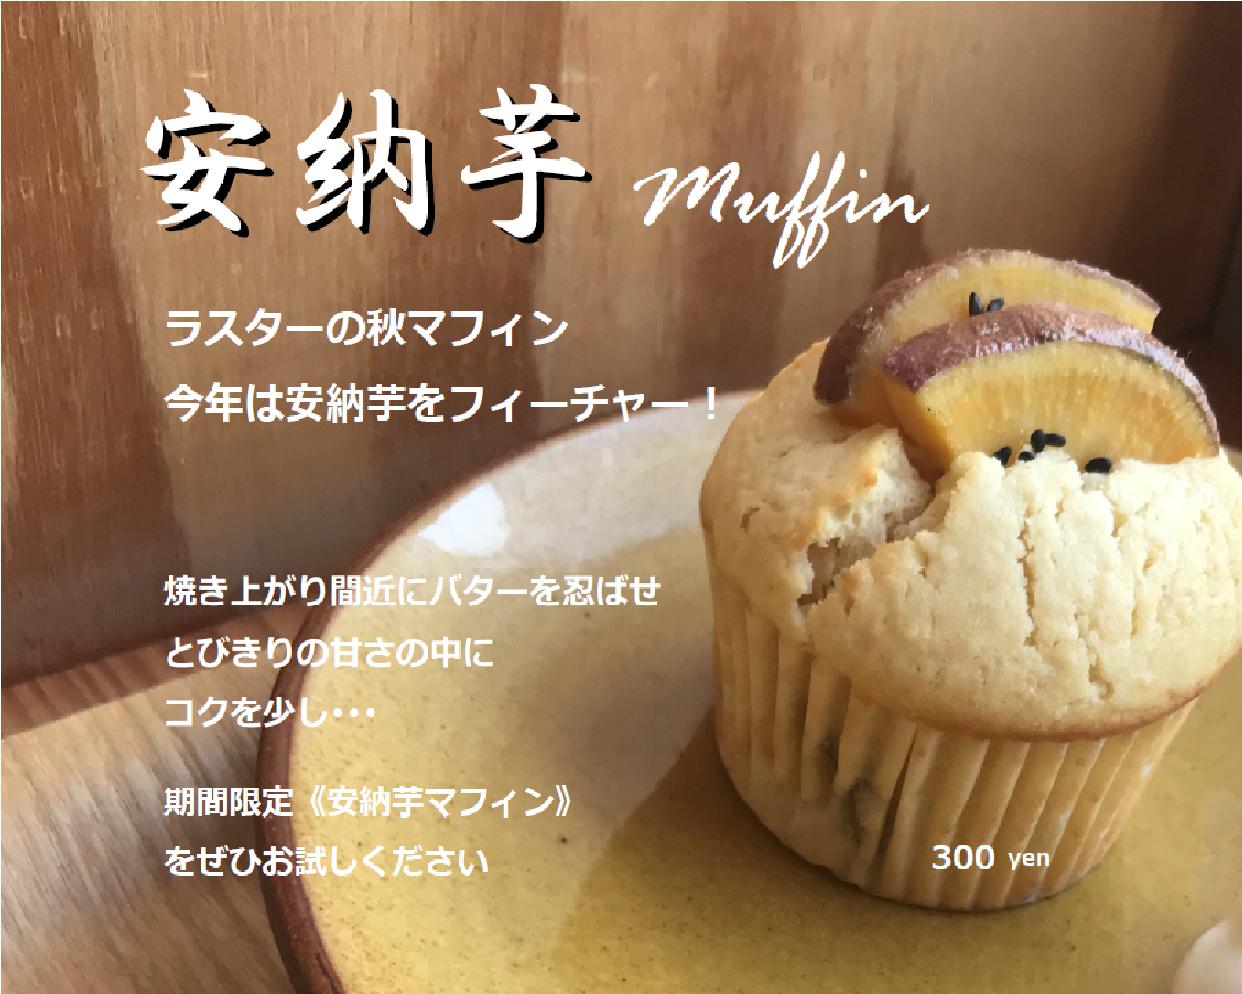 安納芋Muffin11月1日より 期間限定につき11月18日で終了しました